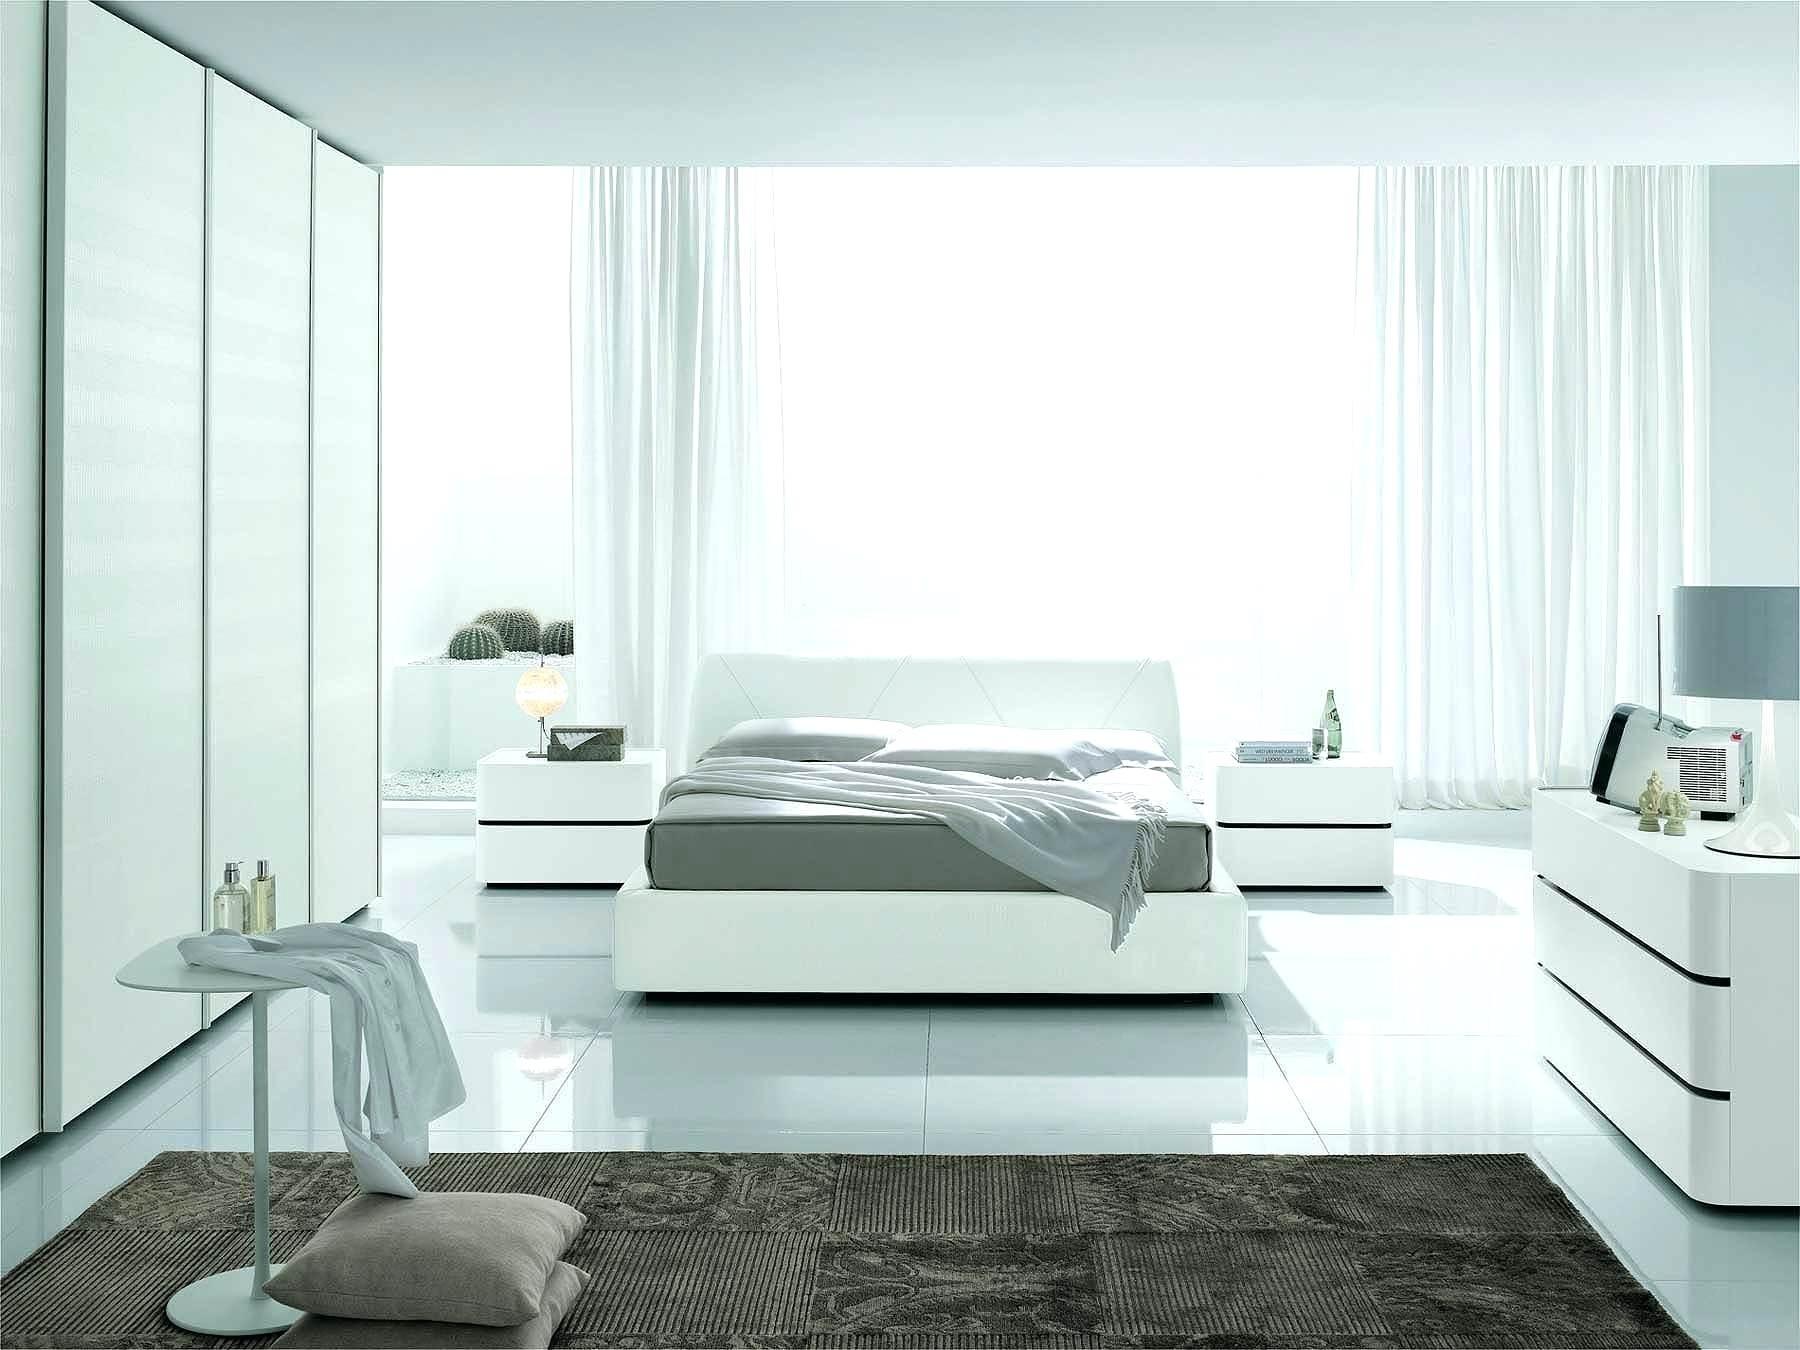 بالصور غرف نوم بيضاء , احدث الصور والتصميمات لغرفة النوم بدهان ابيض 336 6